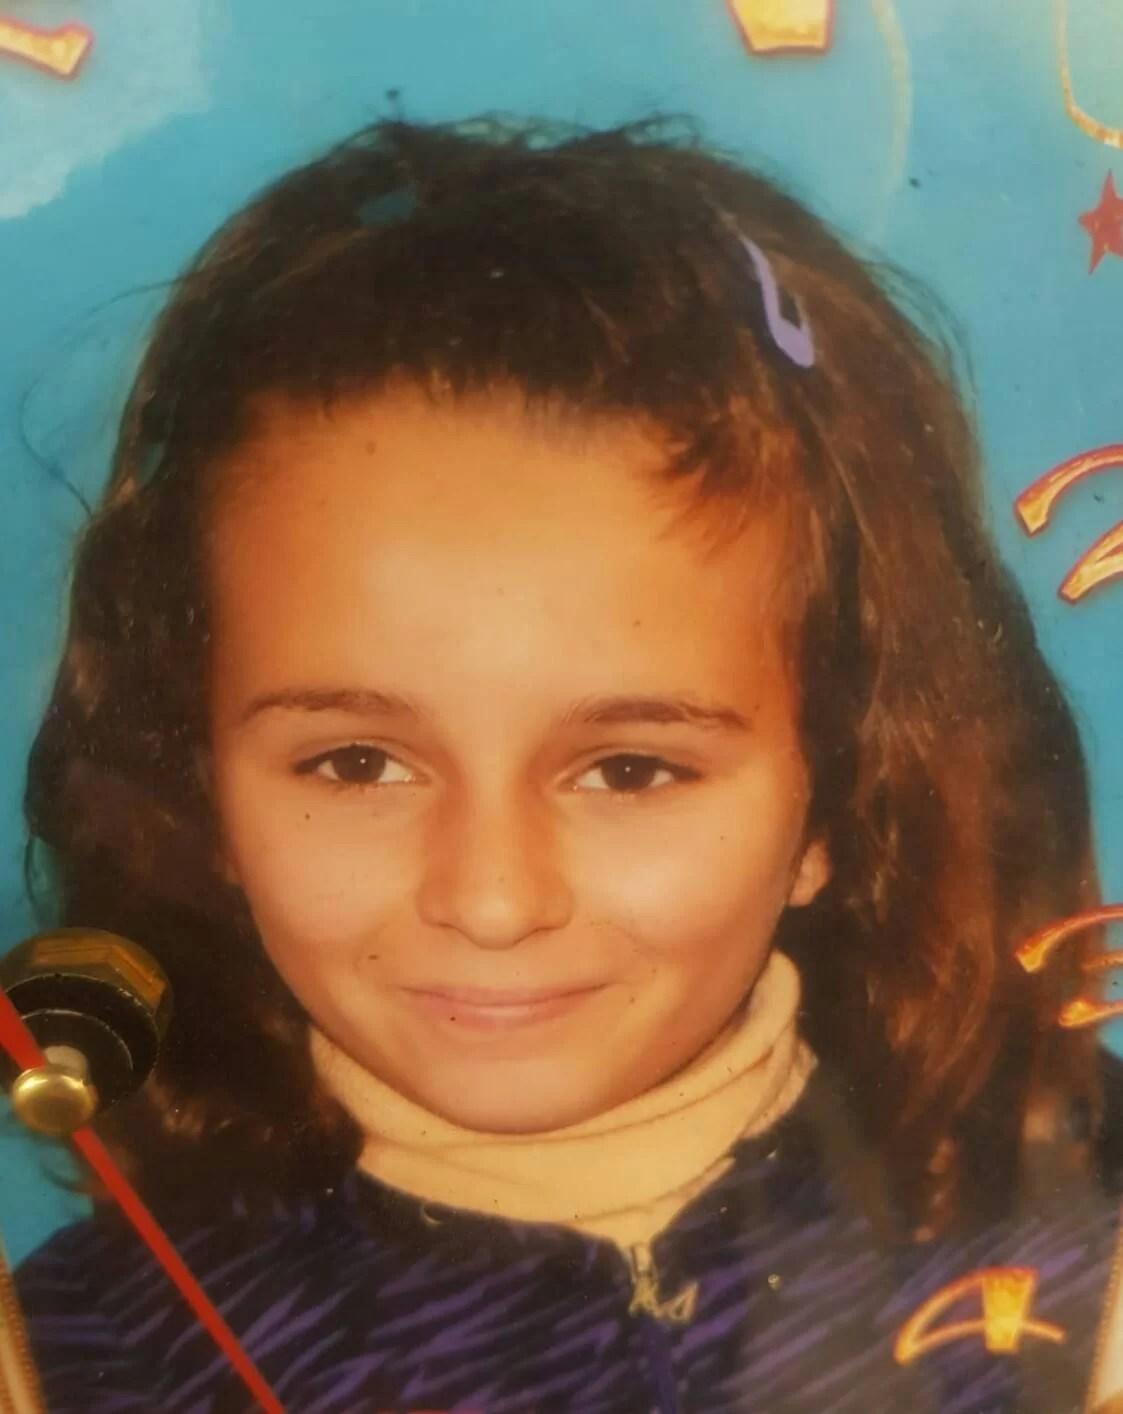 Trei fete de 15-16 ani, dispărute de la domiciliu